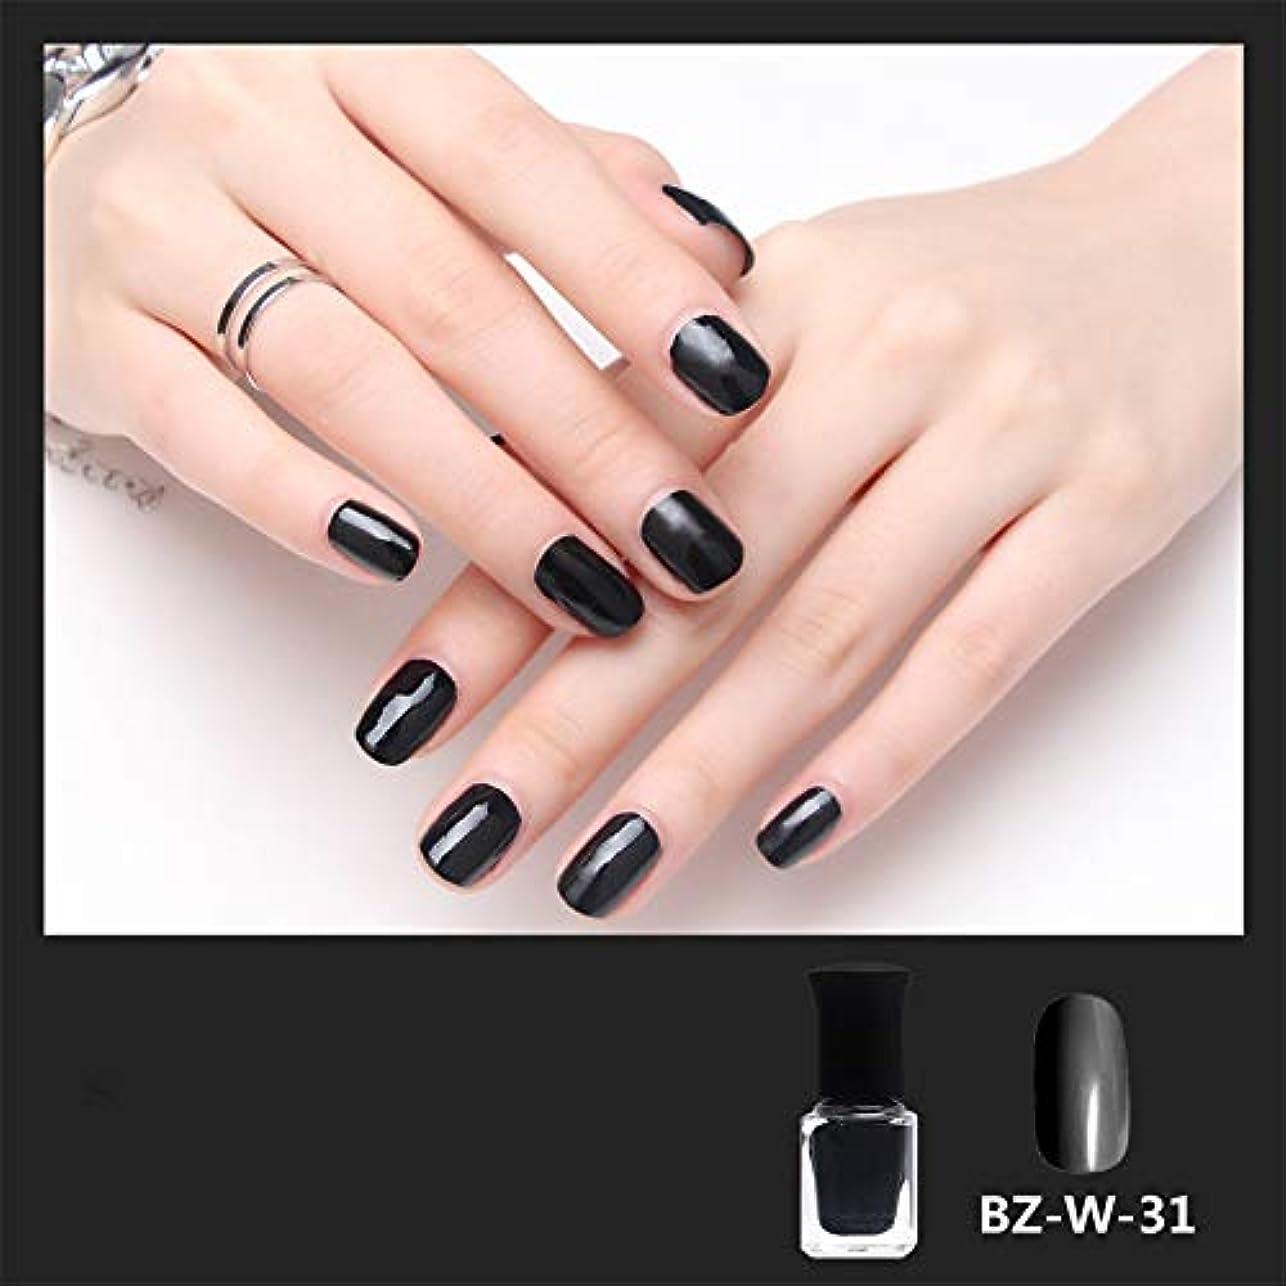 シャイニーネイルポリッシュジェル水溶解性カラフルな漆ワニスネイルアートDIY4色6ml (黒)